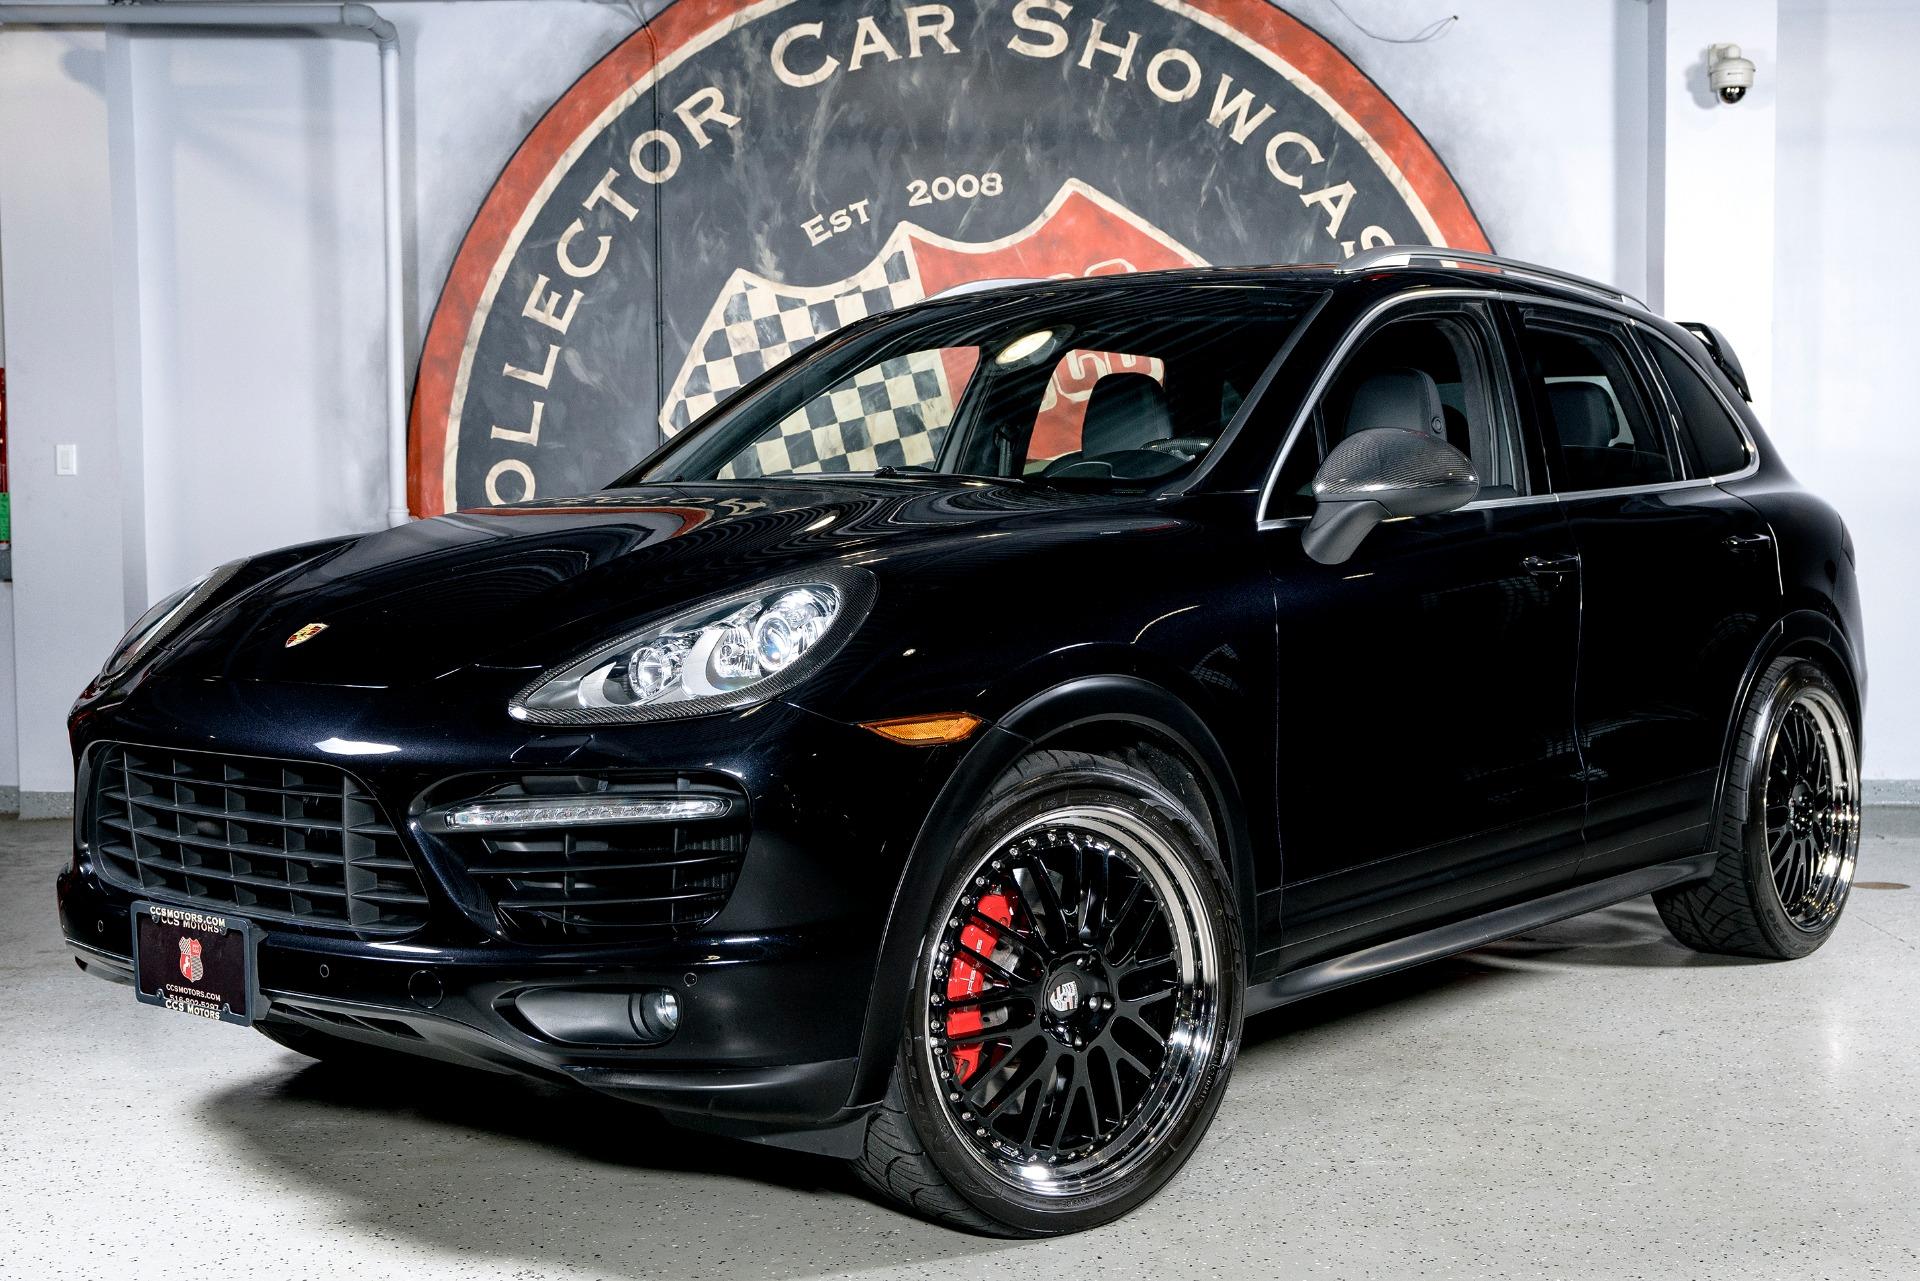 2012 Porsche Cayenne Turbo Suv Stock 1392 For Sale Near Oyster Bay Ny Ny Porsche Dealer